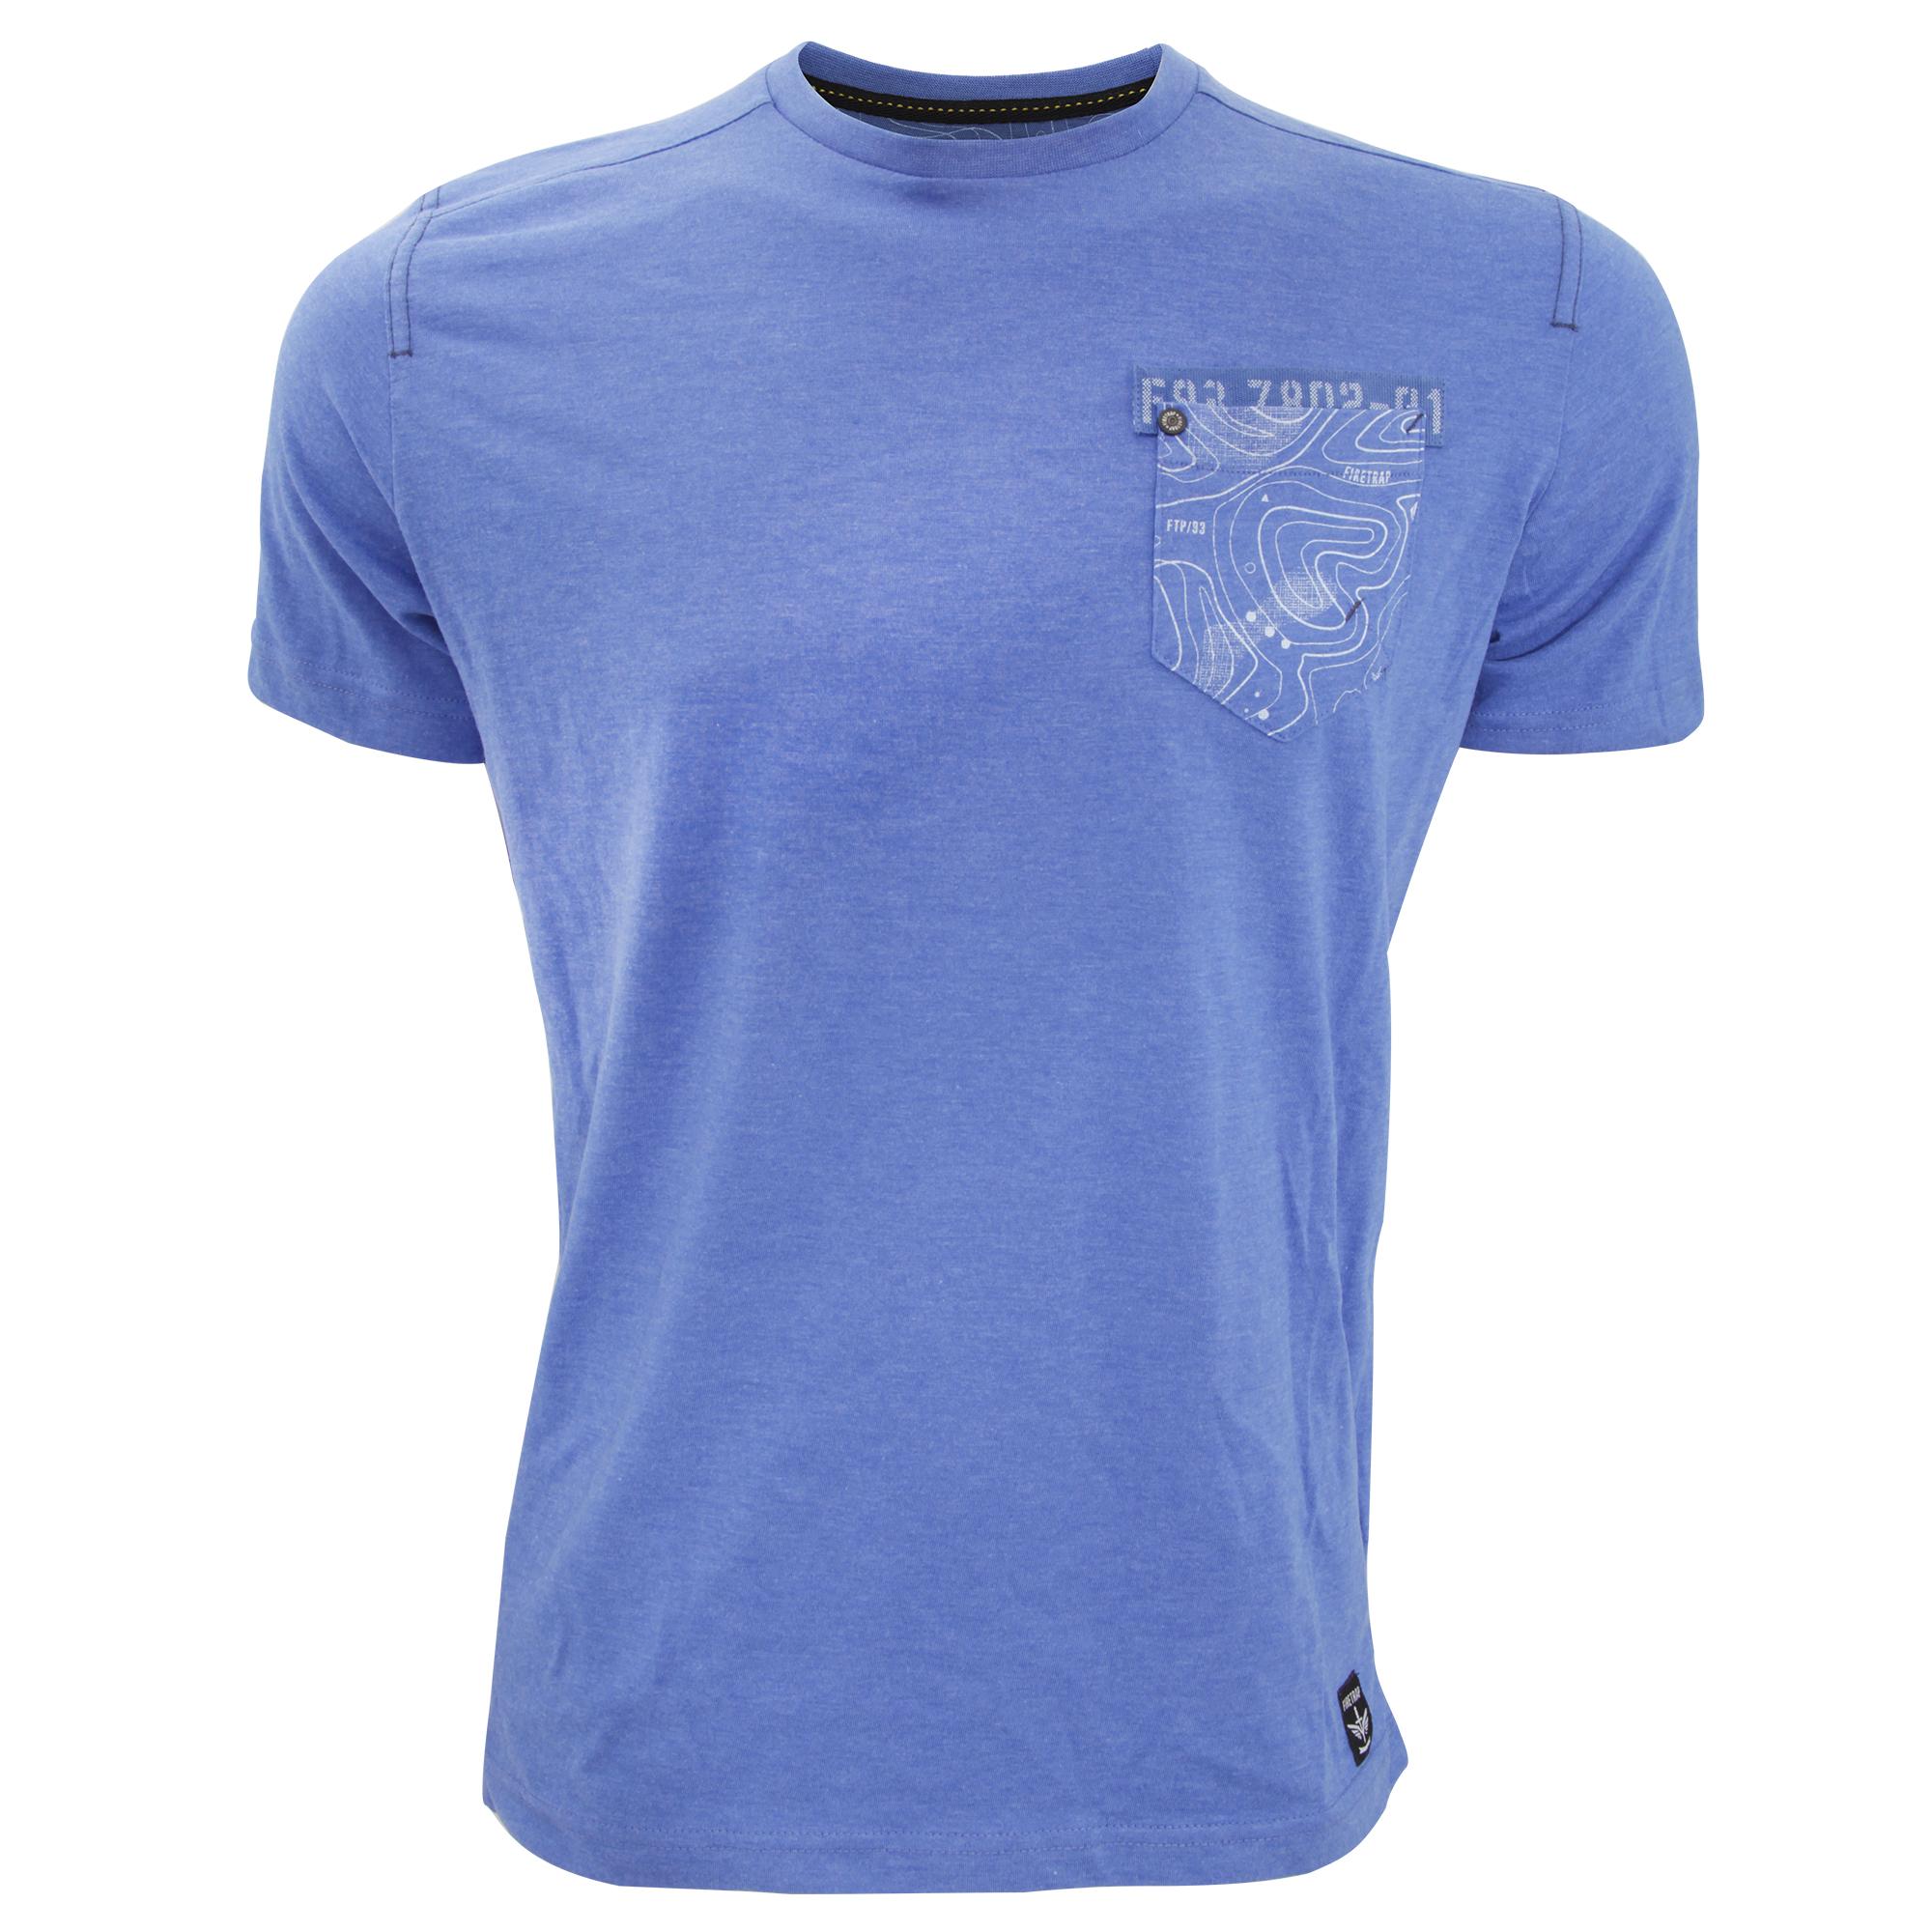 Firetrap Mens Tachbrook Short Sleeve T Shirt With Chest